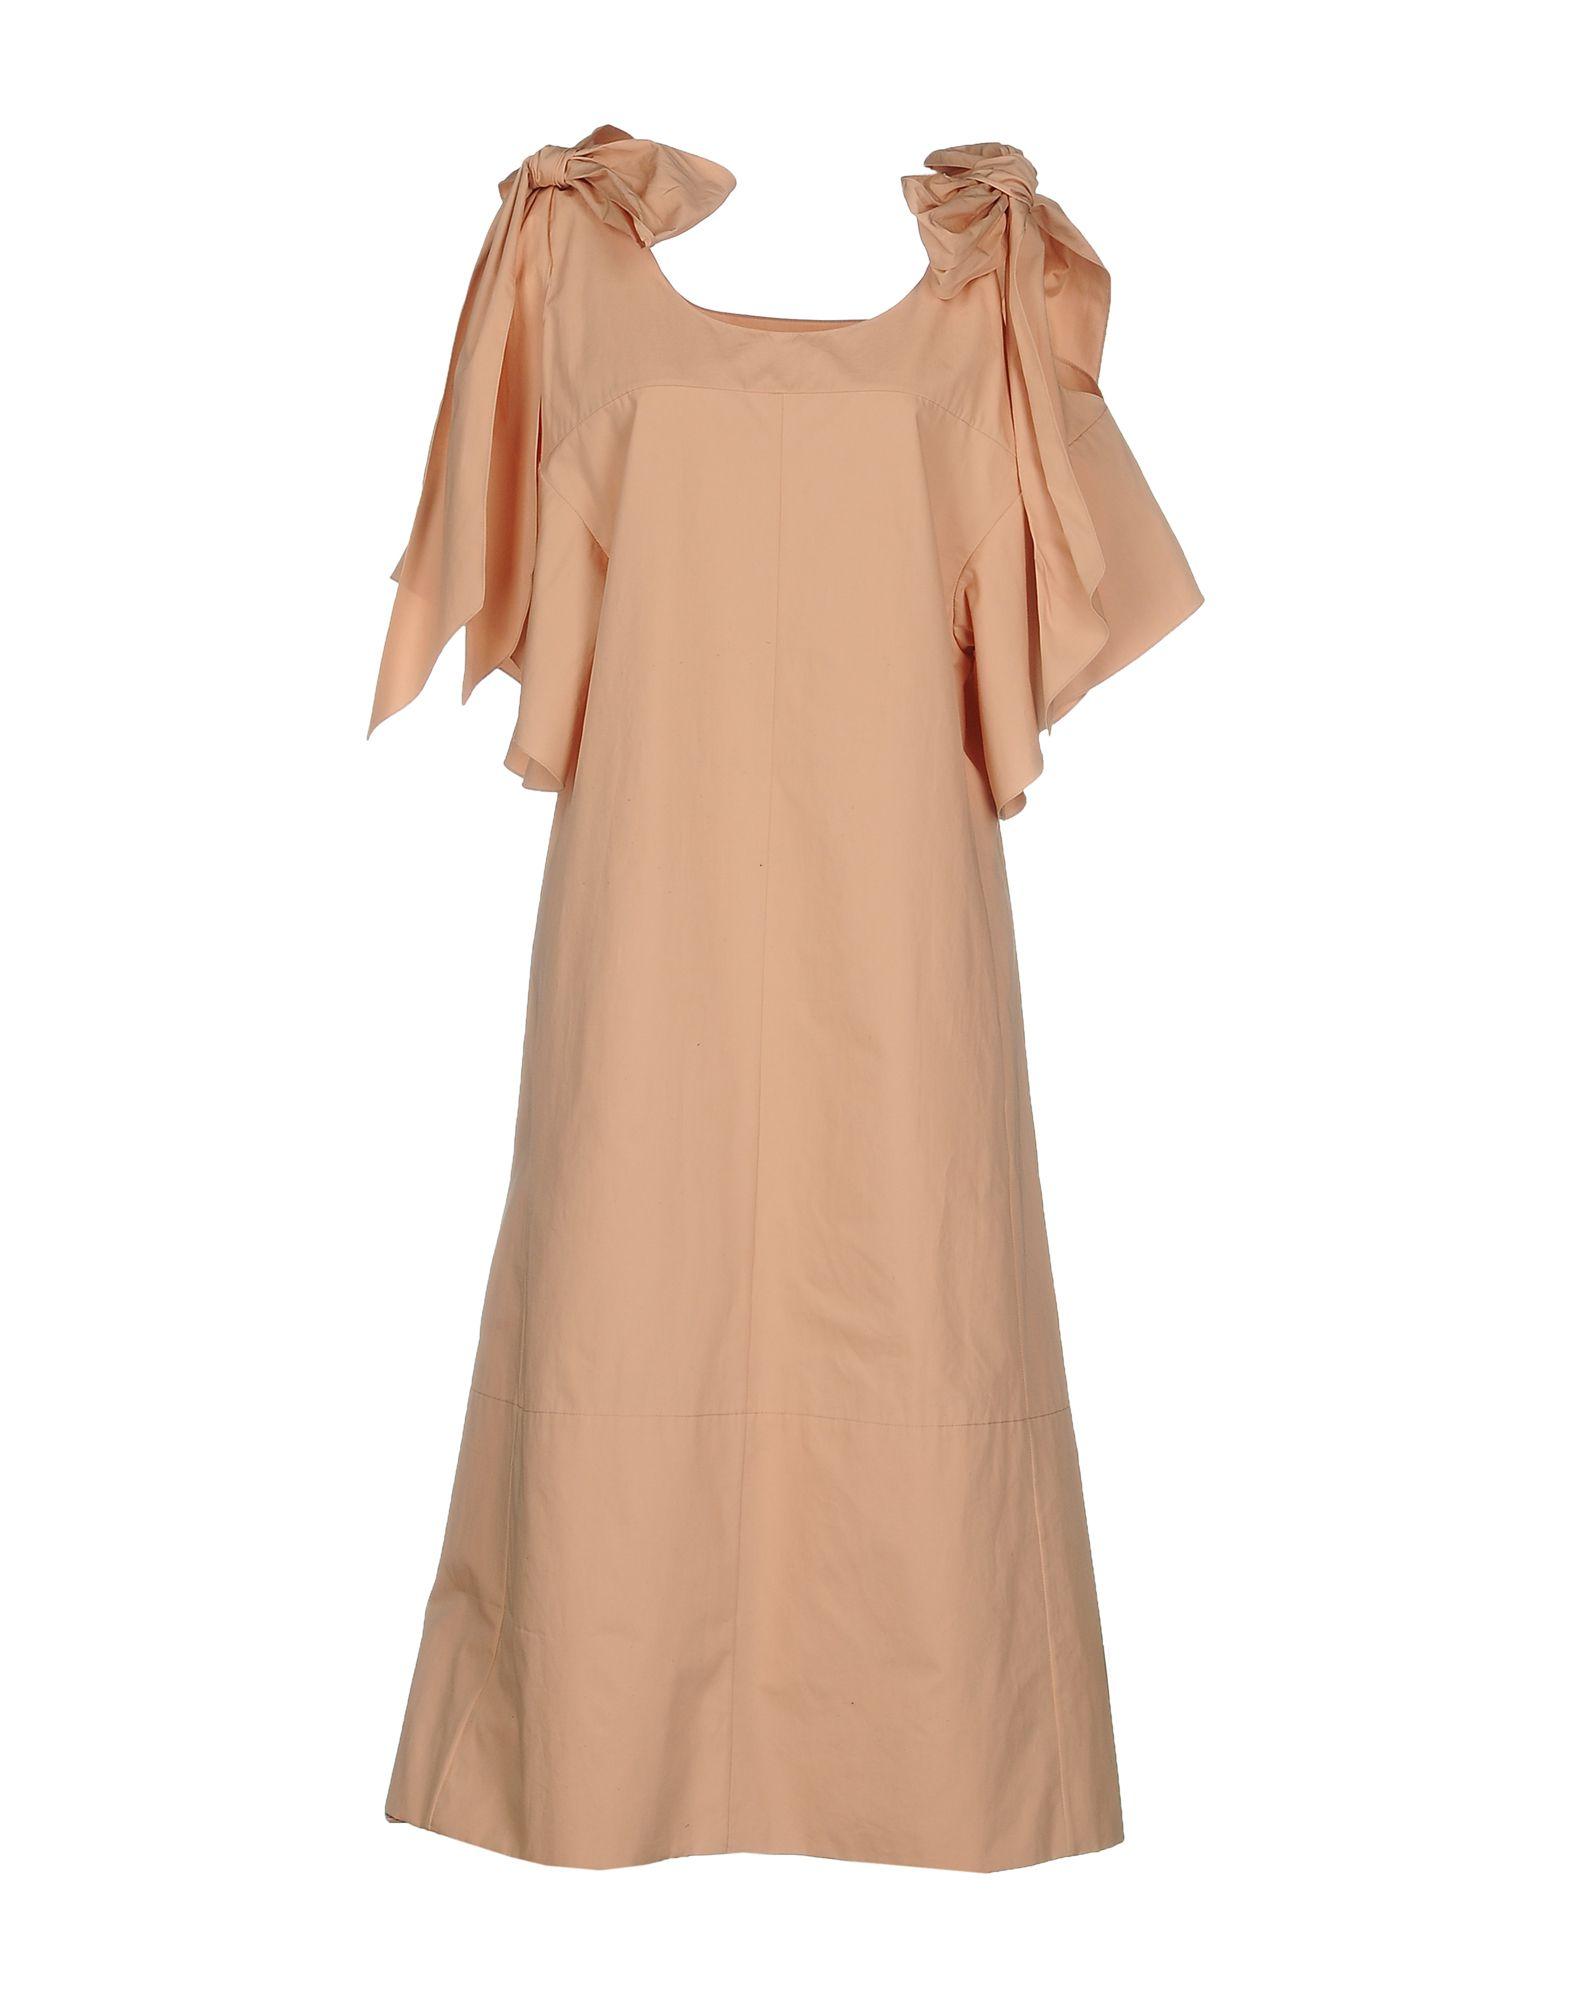 CHLOÉ Платье длиной 3/4 платье с зернистым рисунком chloé